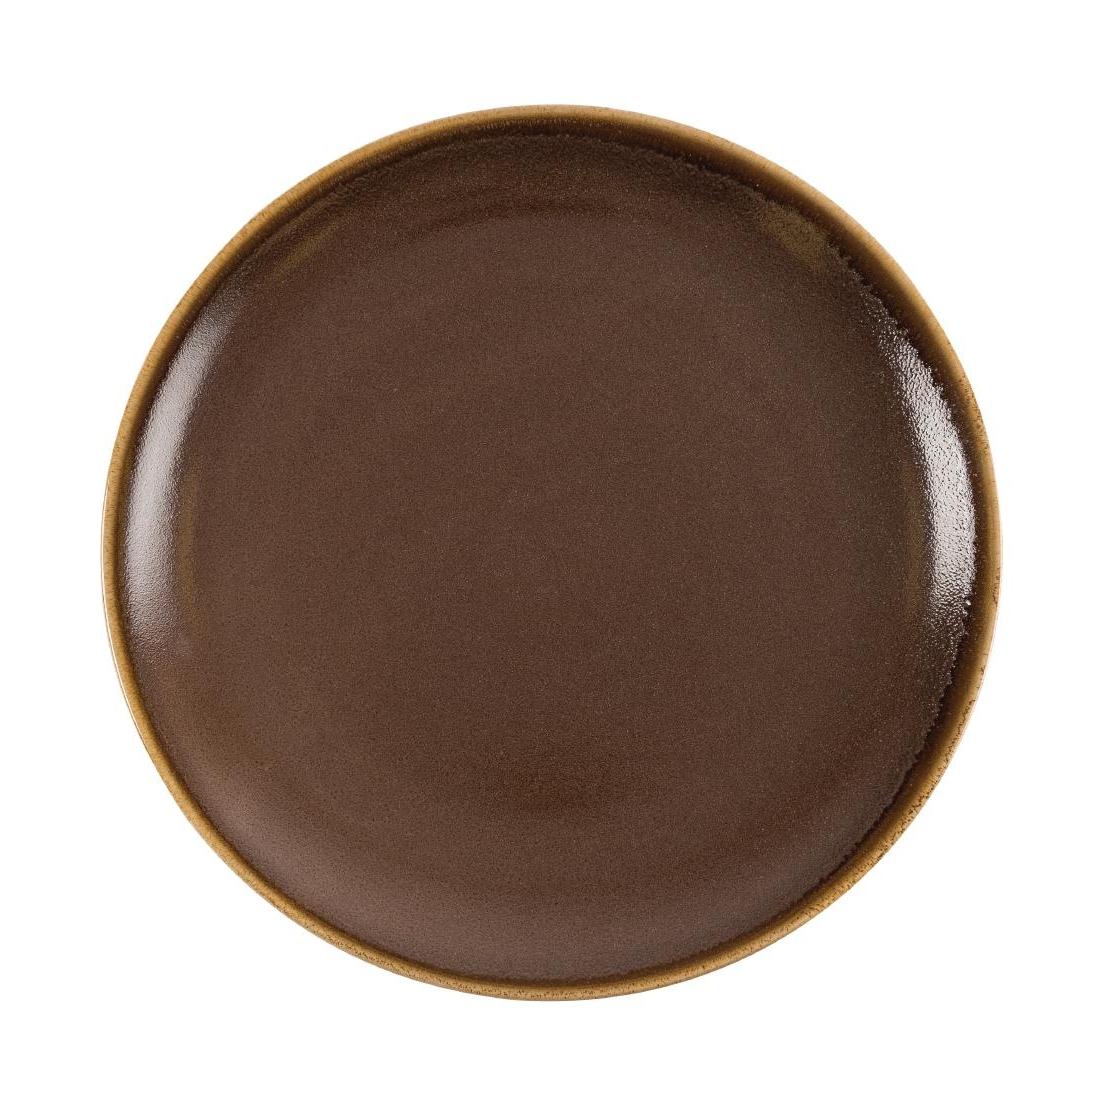 Assiette plate ronde couleur écorce Olympia Kiln 280mm